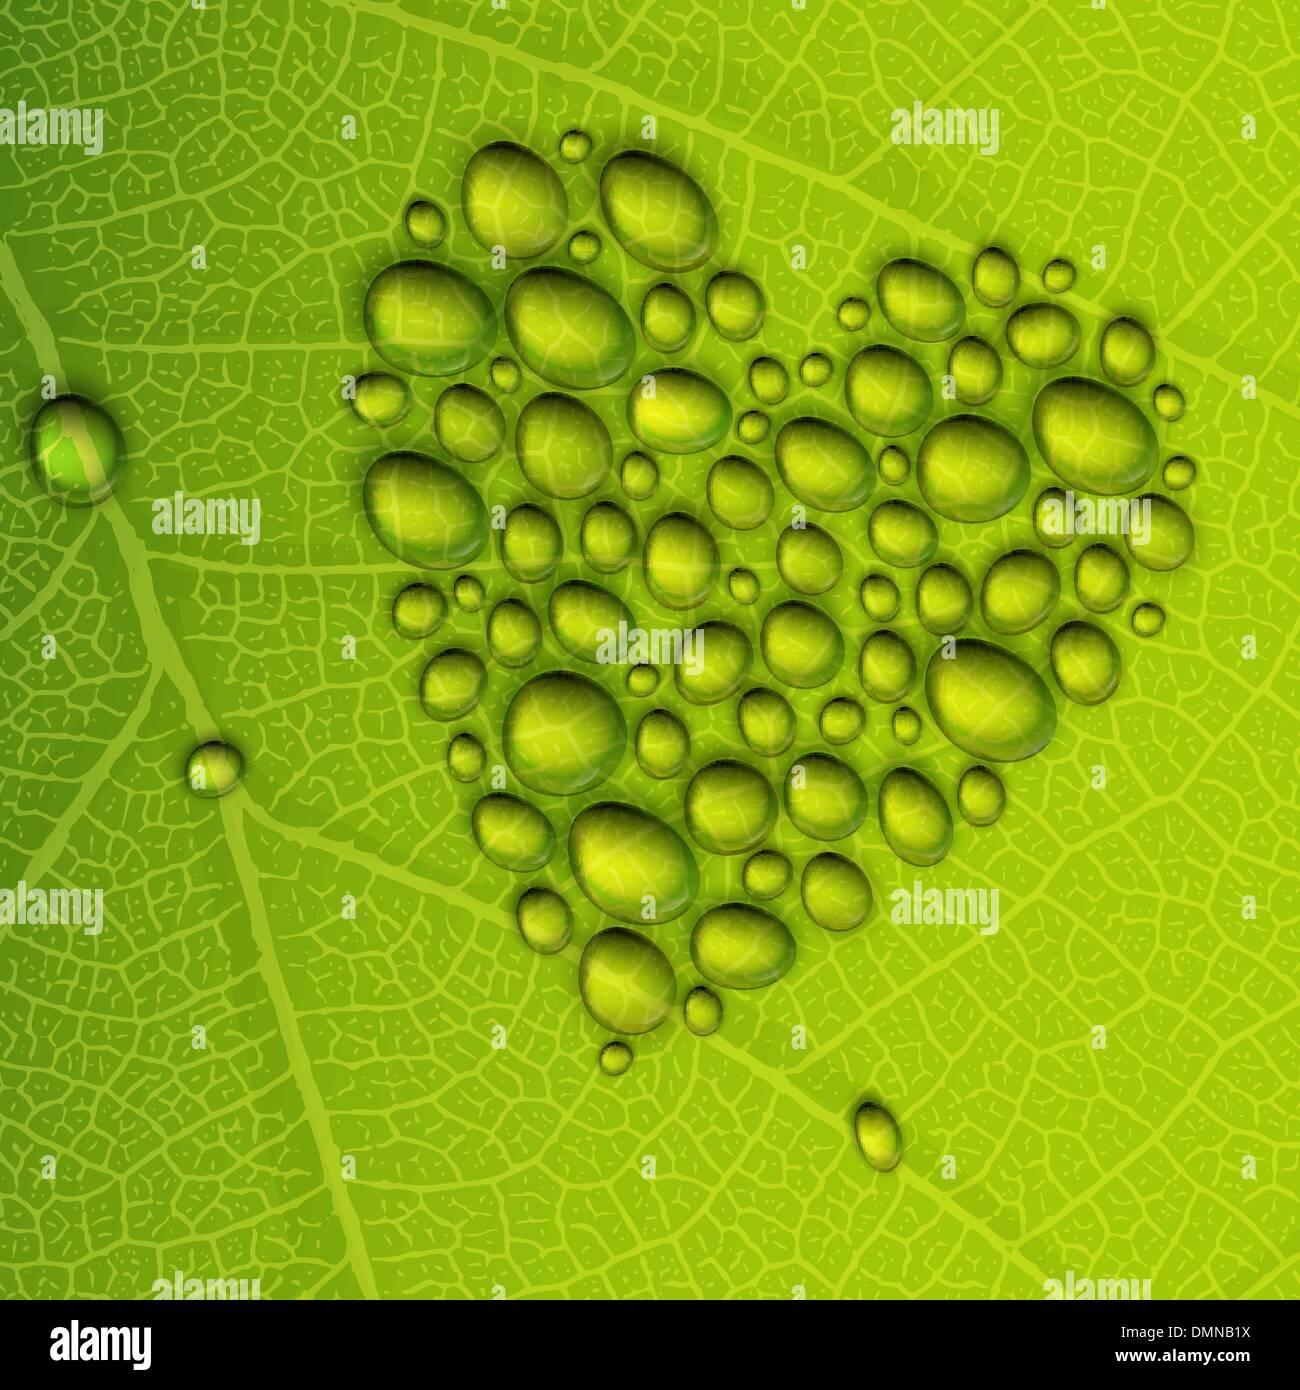 Forme de coeur gouttes de rosée sur feuille verte. Illustration vectorielle, EPS10 Photo Stock